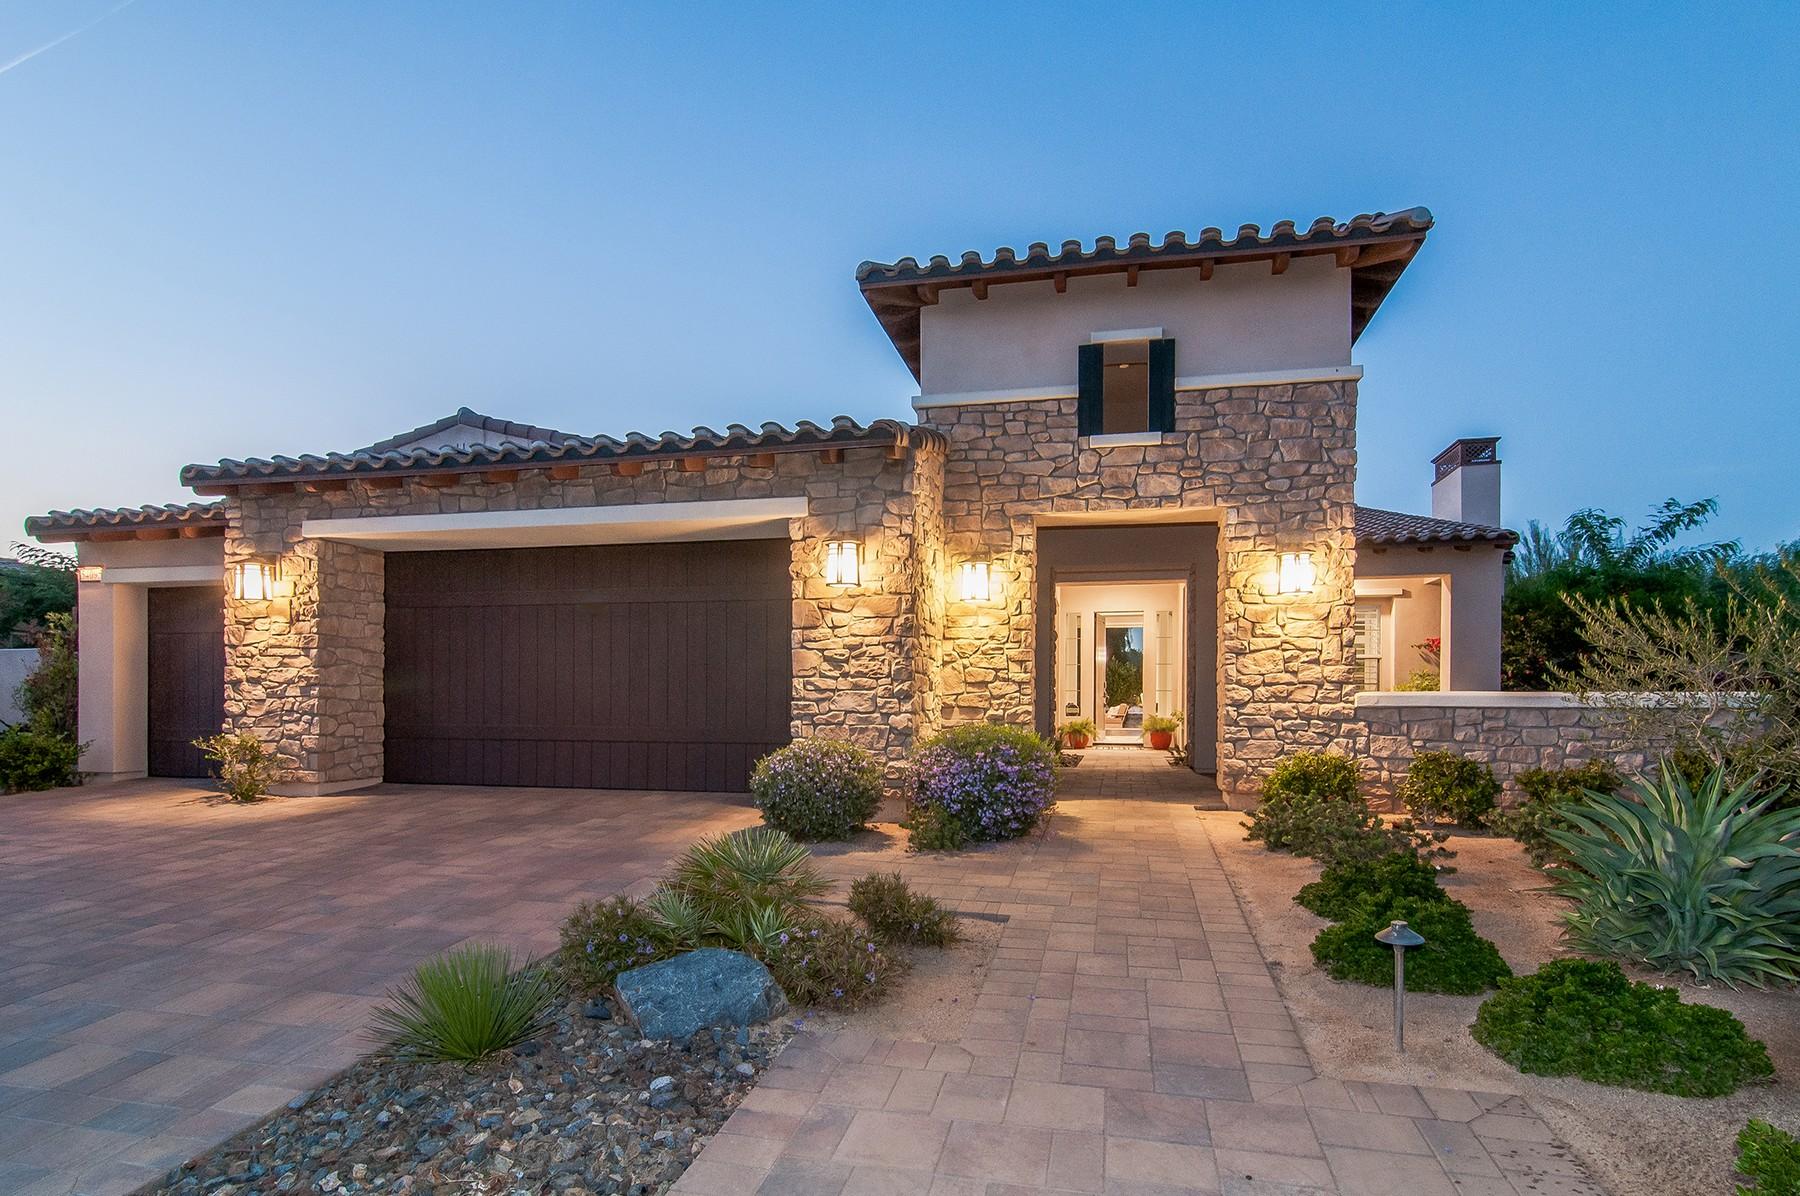 獨棟家庭住宅 為 出售 在 54095 Cananero Circle La Quinta, 加利福尼亞州, 92253 美國